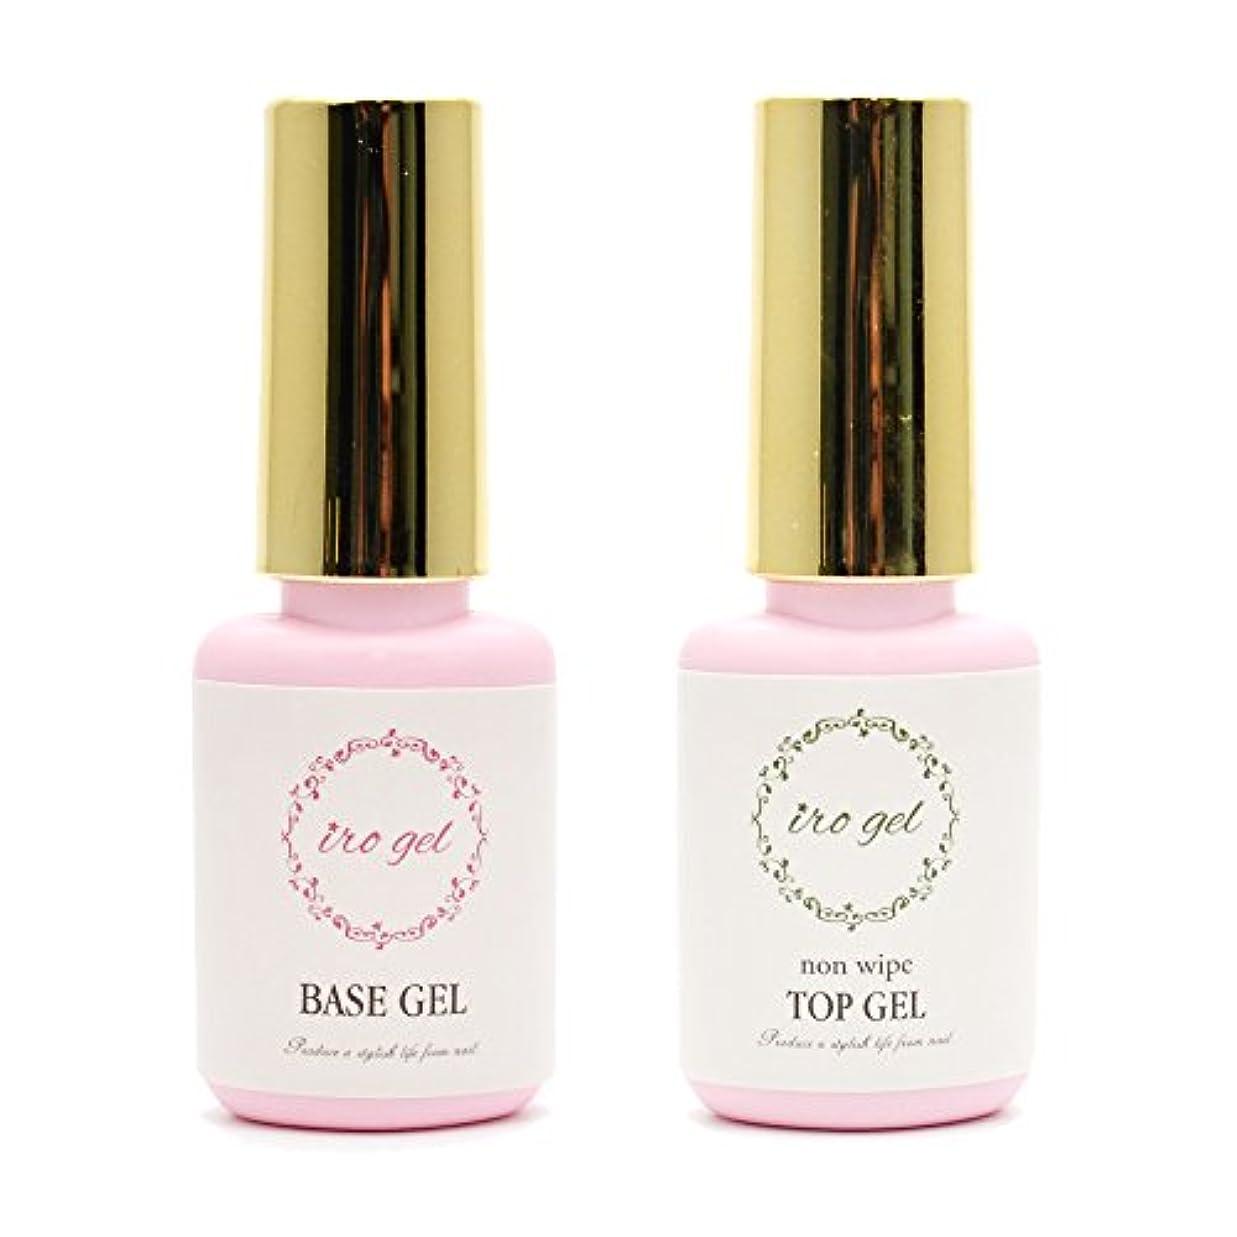 枕カバレッジ知性iro gel (イロジェル) ジェルネイル UV LED 対応 ベースコート & トップコート セット 10ml [ 拭き取り不要 ノンワイプ ]